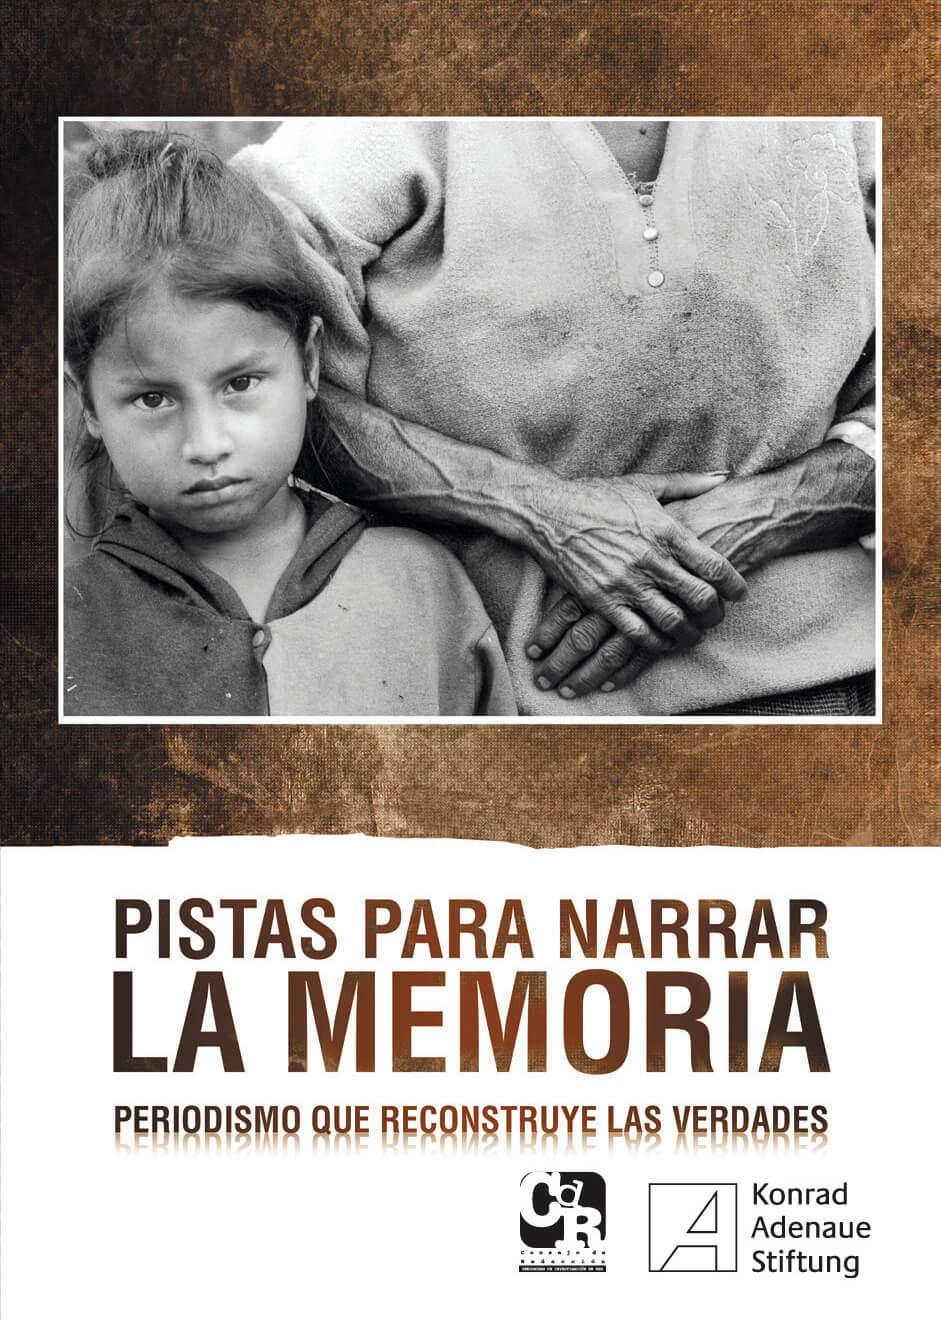 'Pistas para narrar la memoria': una guía para contar el posconflicto